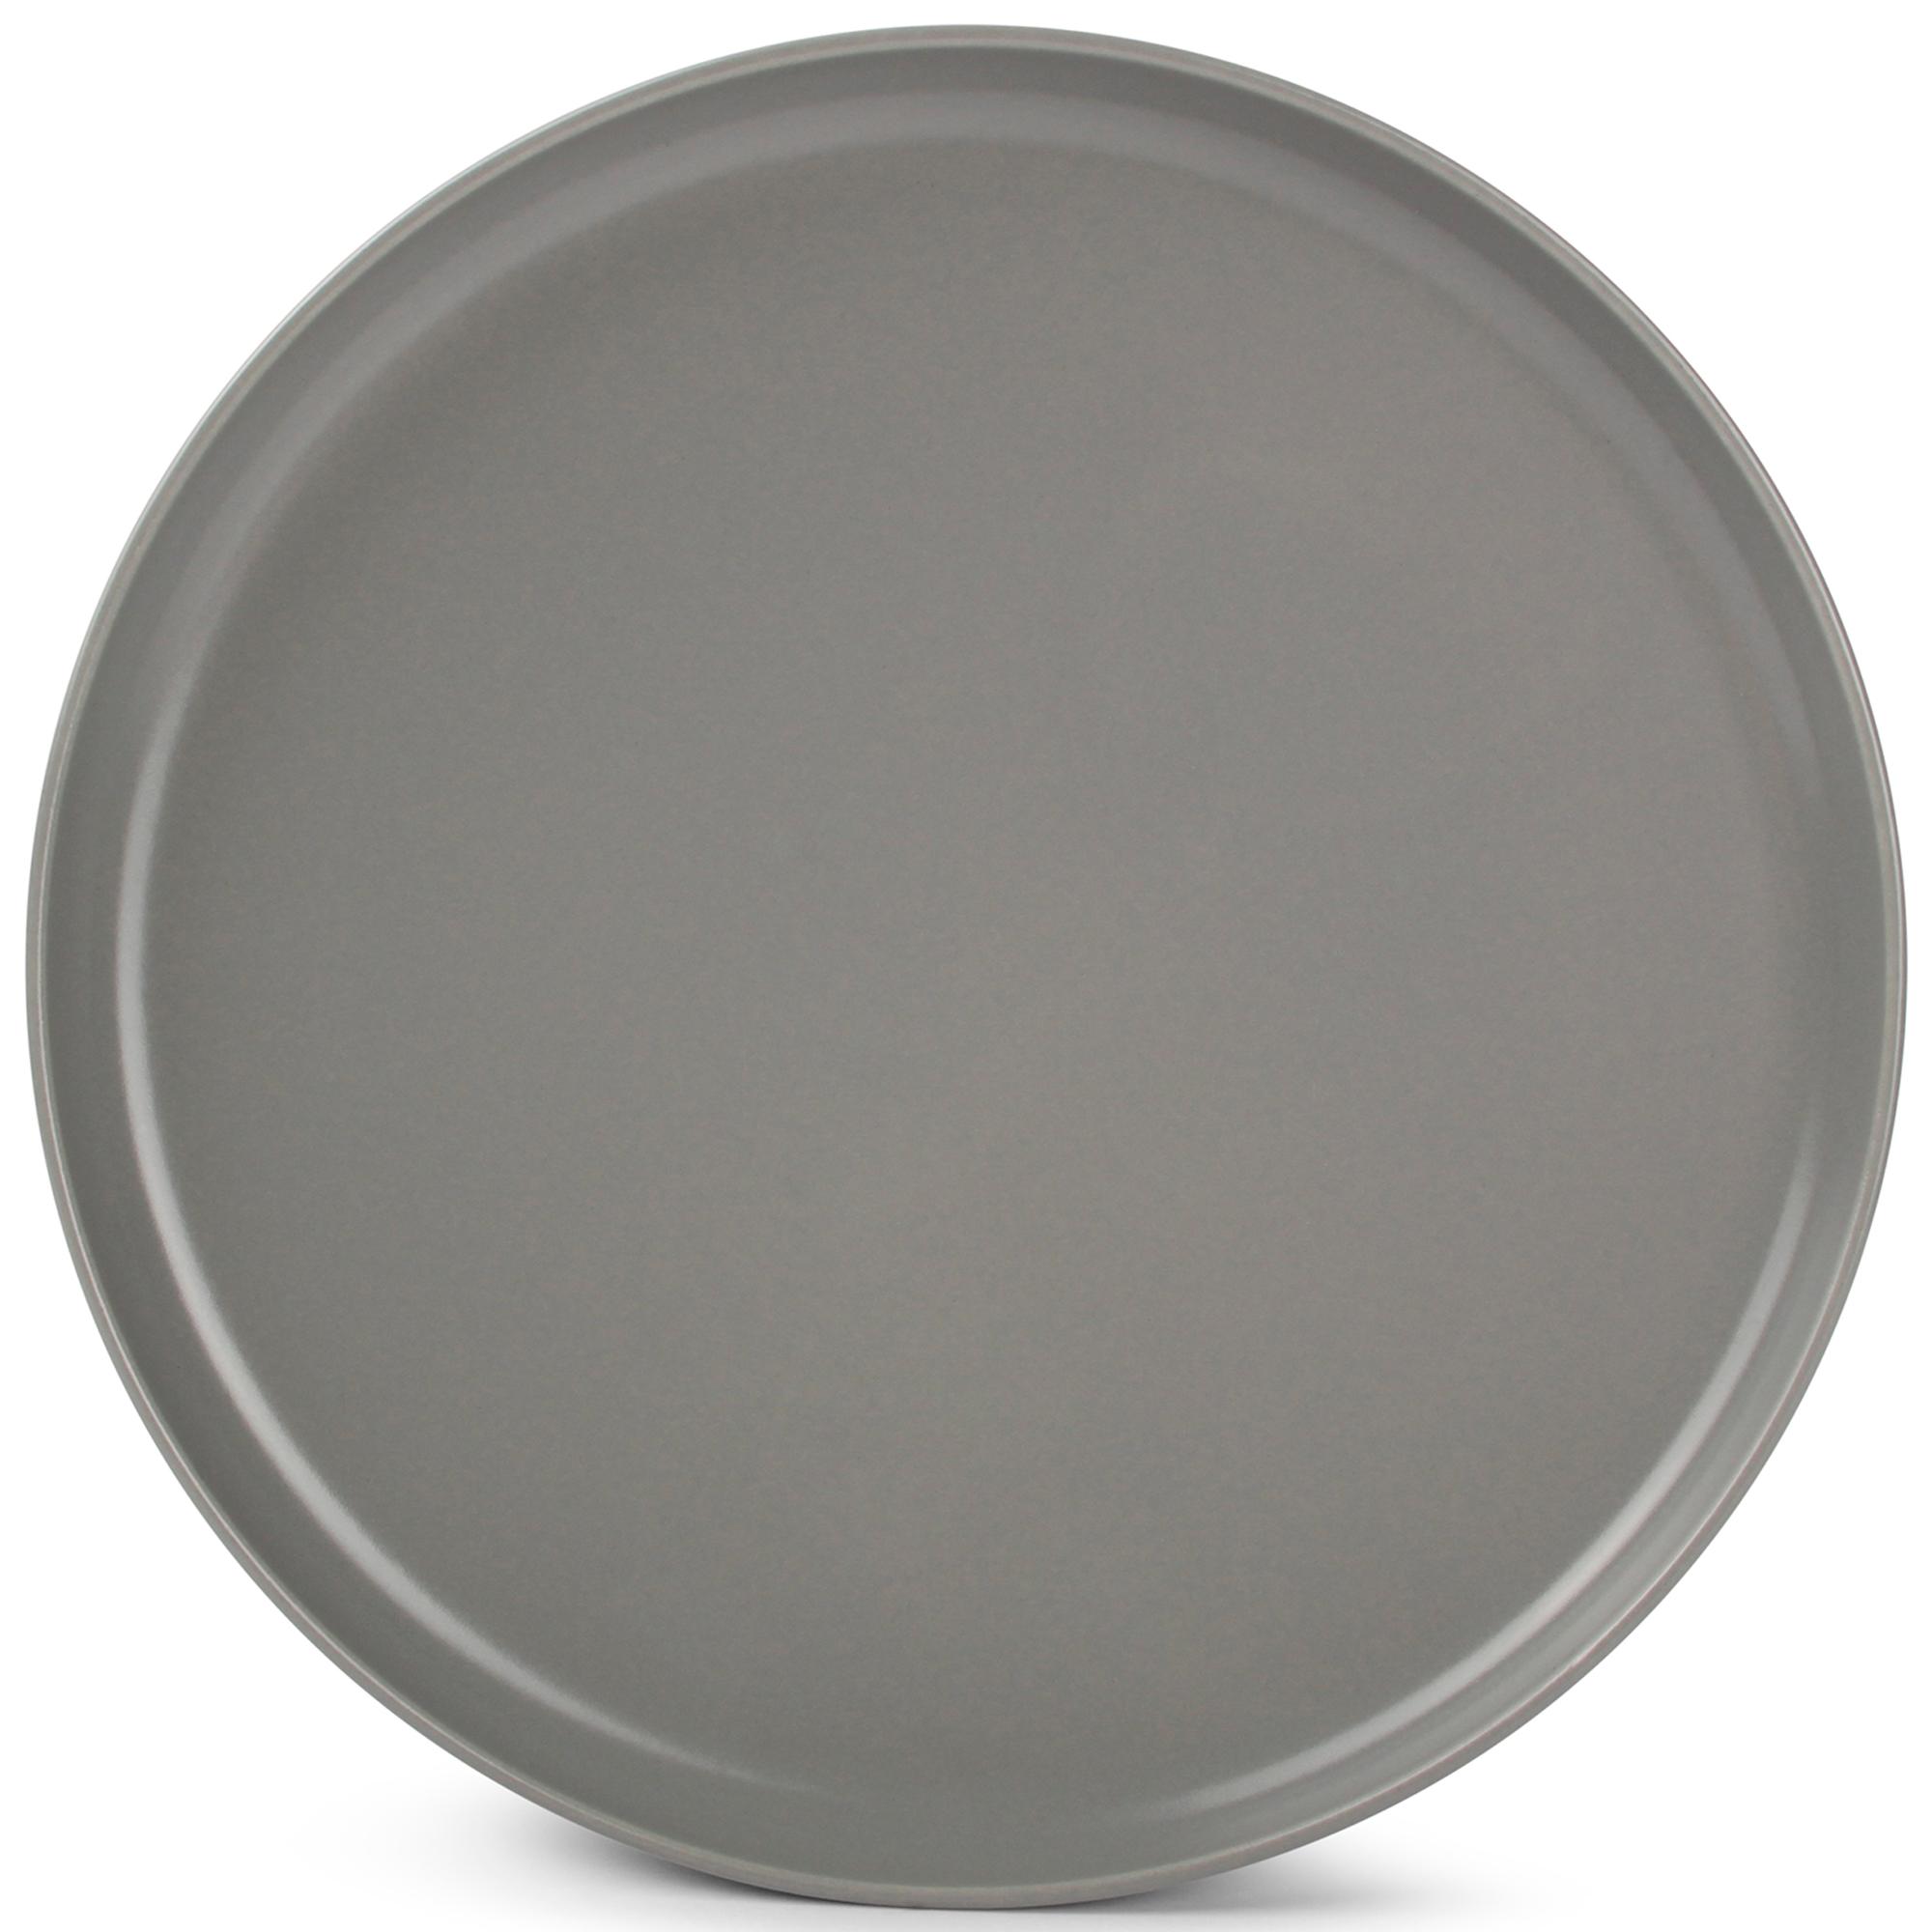 Lot de 6 - Assiette plate gris Ø 27cm